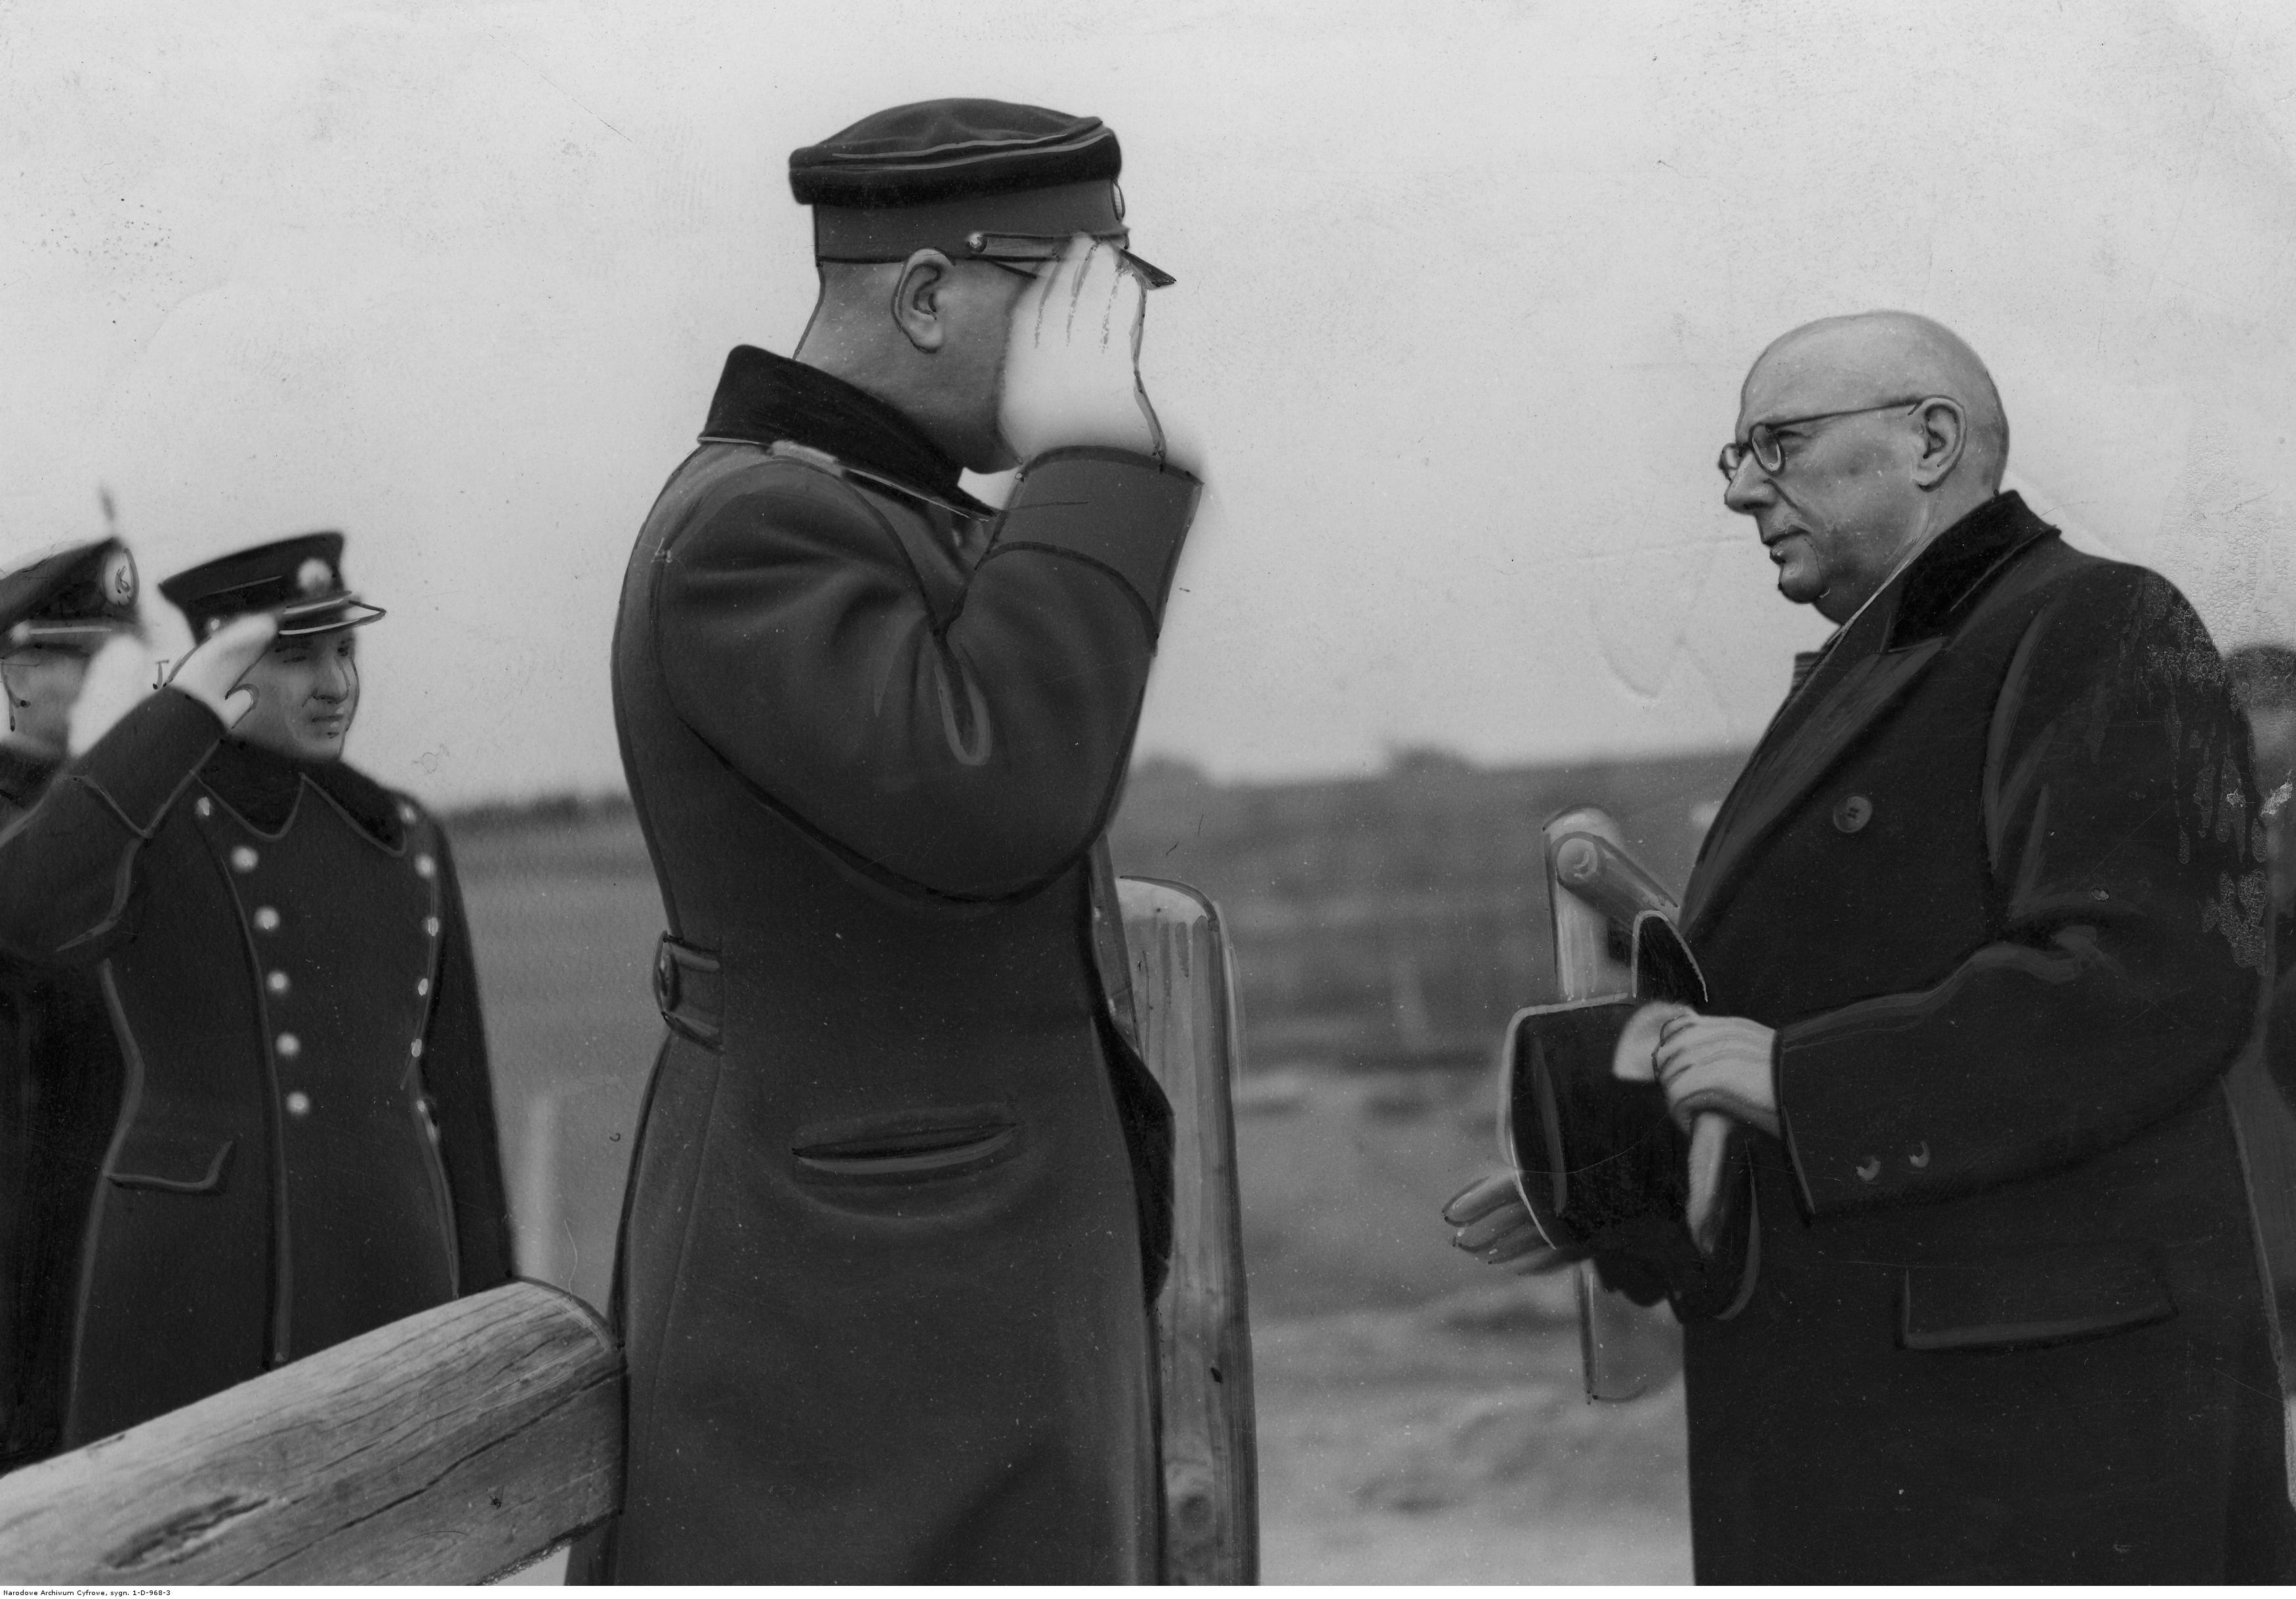 Poseł nadzwyczajny i minister pełnomocny Polski na Litwie Franciszek Charwat witany przez litewskich wojskowych na przejściu granicznym. 1938 / Fot. NAC